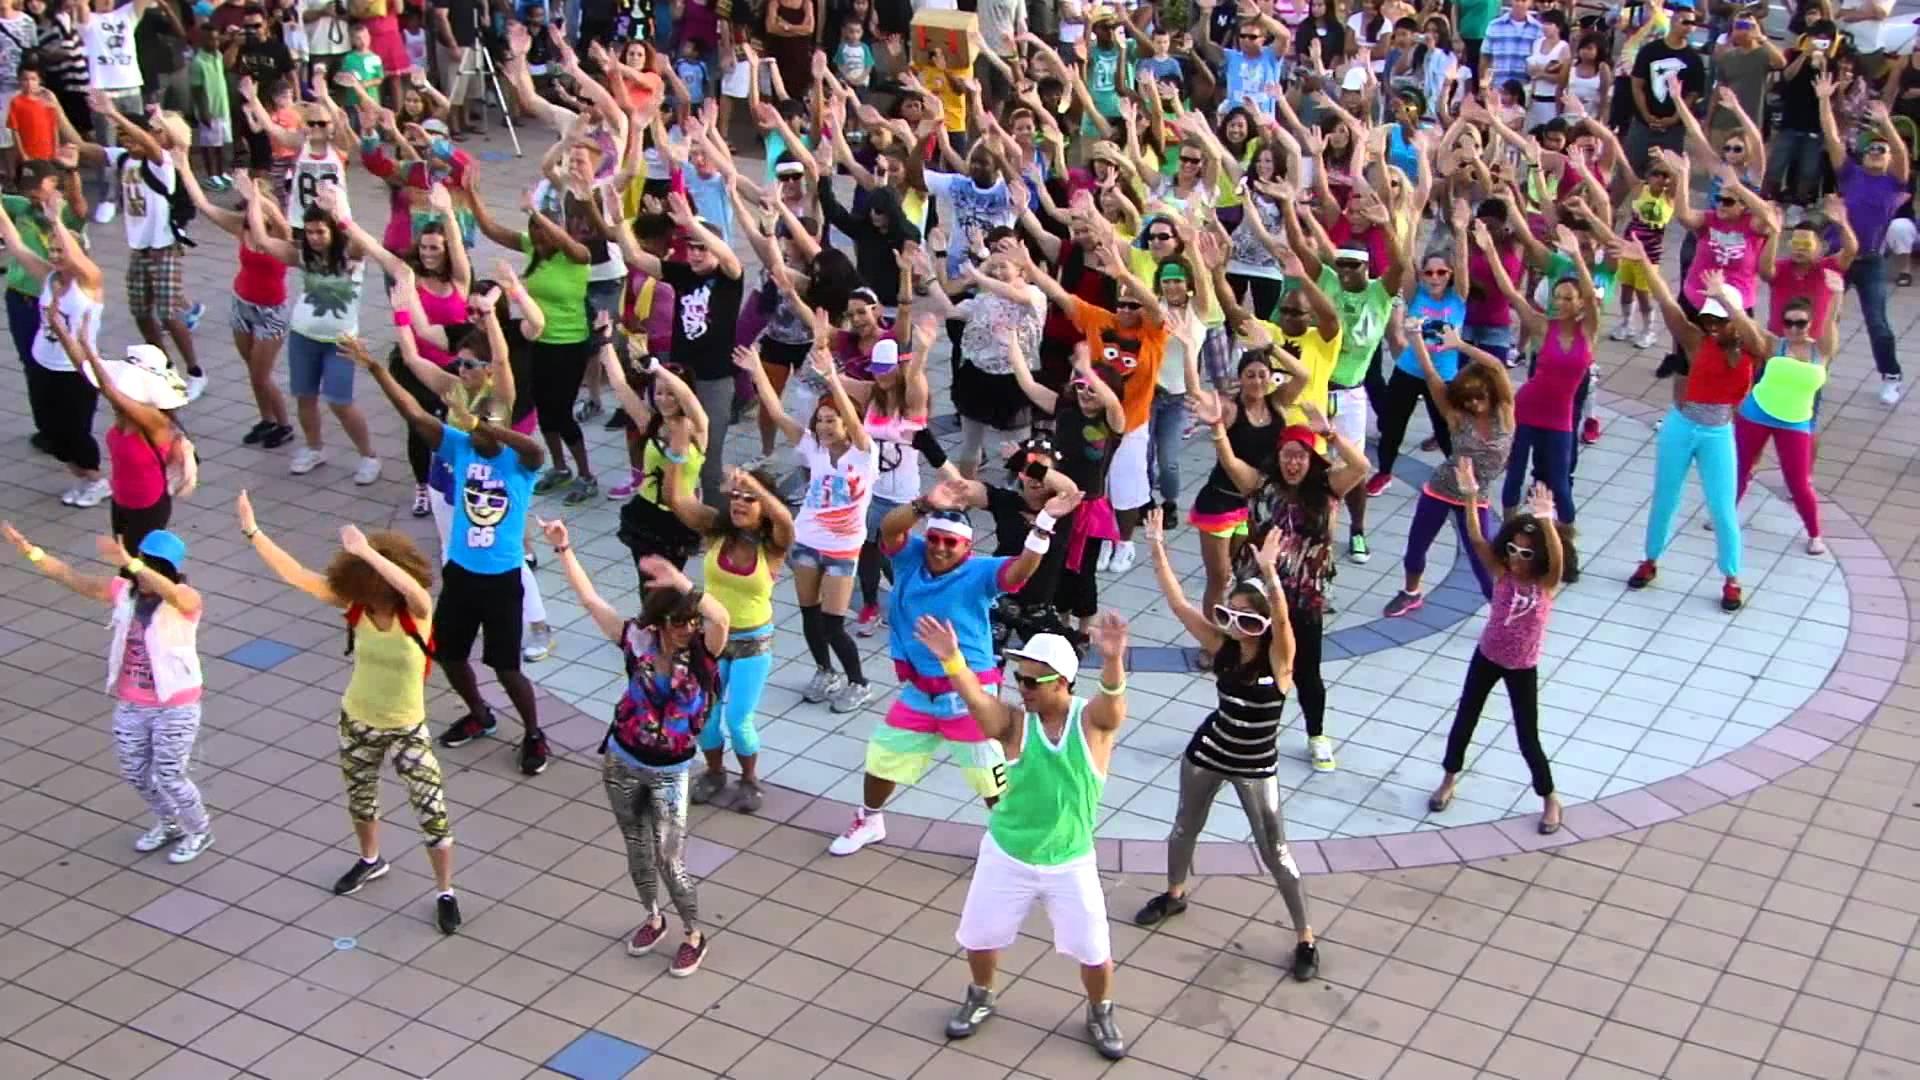 танцевальный флешмоб картинки сообщила одна участниц